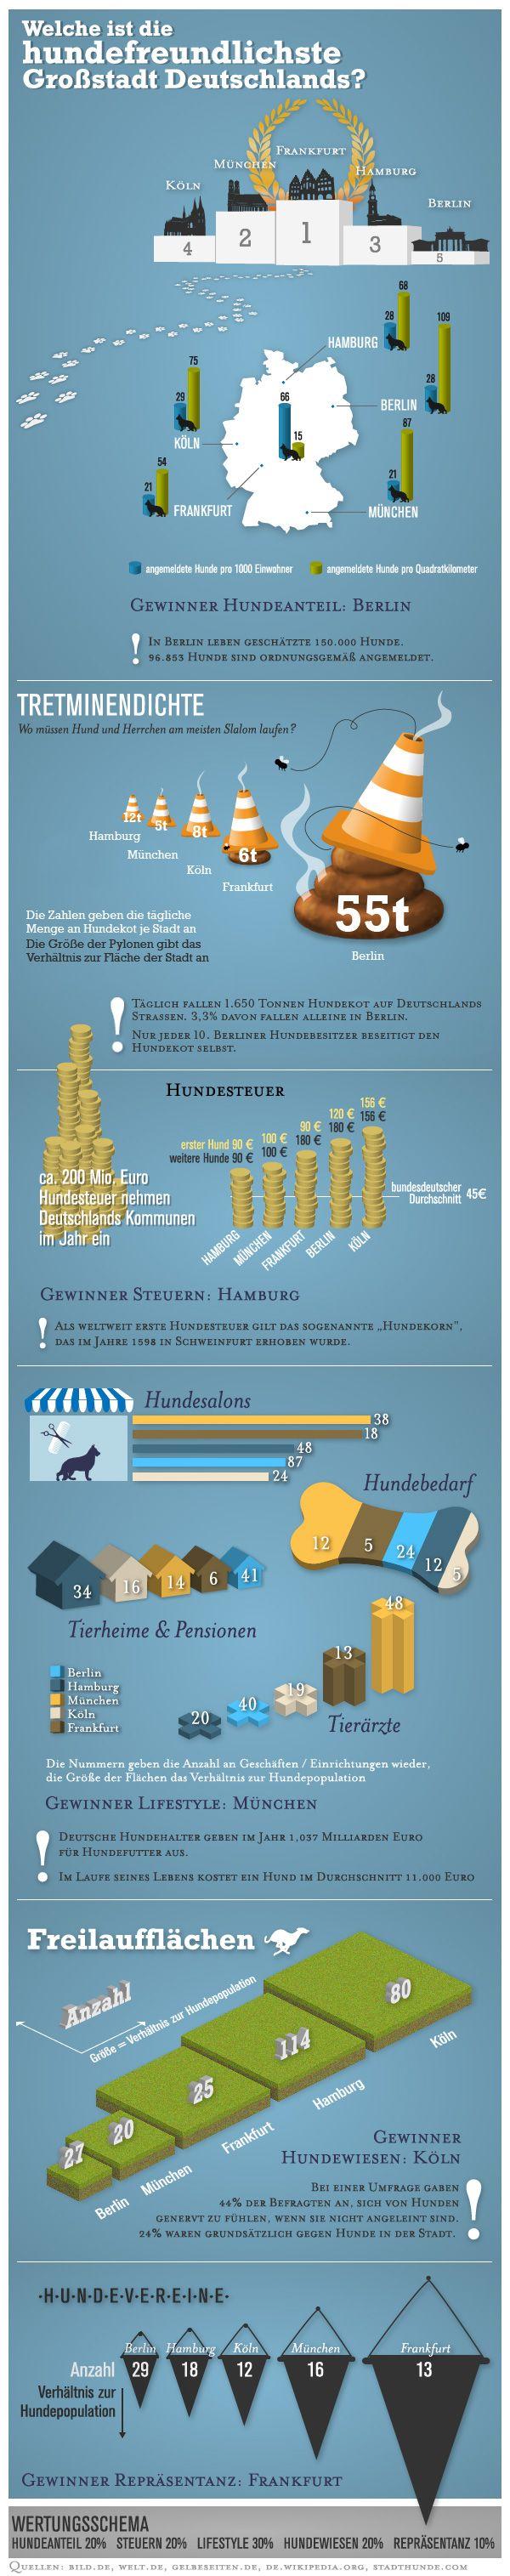 Infografik - Frankfurt ist hundefreundlichste Stadt Deutschlands - gefunden und gepinnt von http://www.hausmann-immobilien-beratung.de/